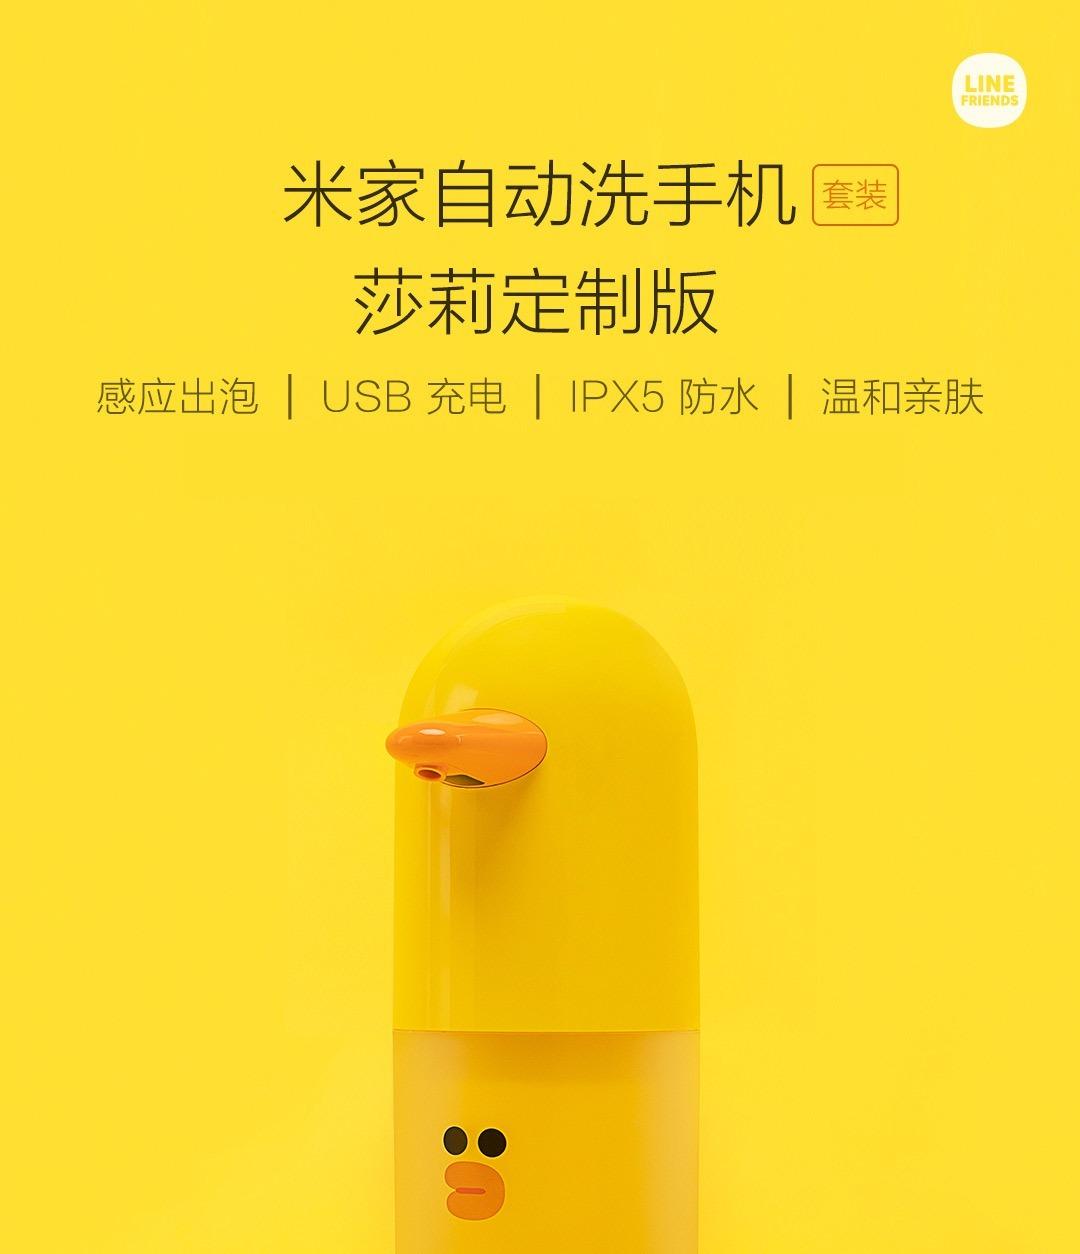 米家自动洗手机套装莎莉定制版黄色